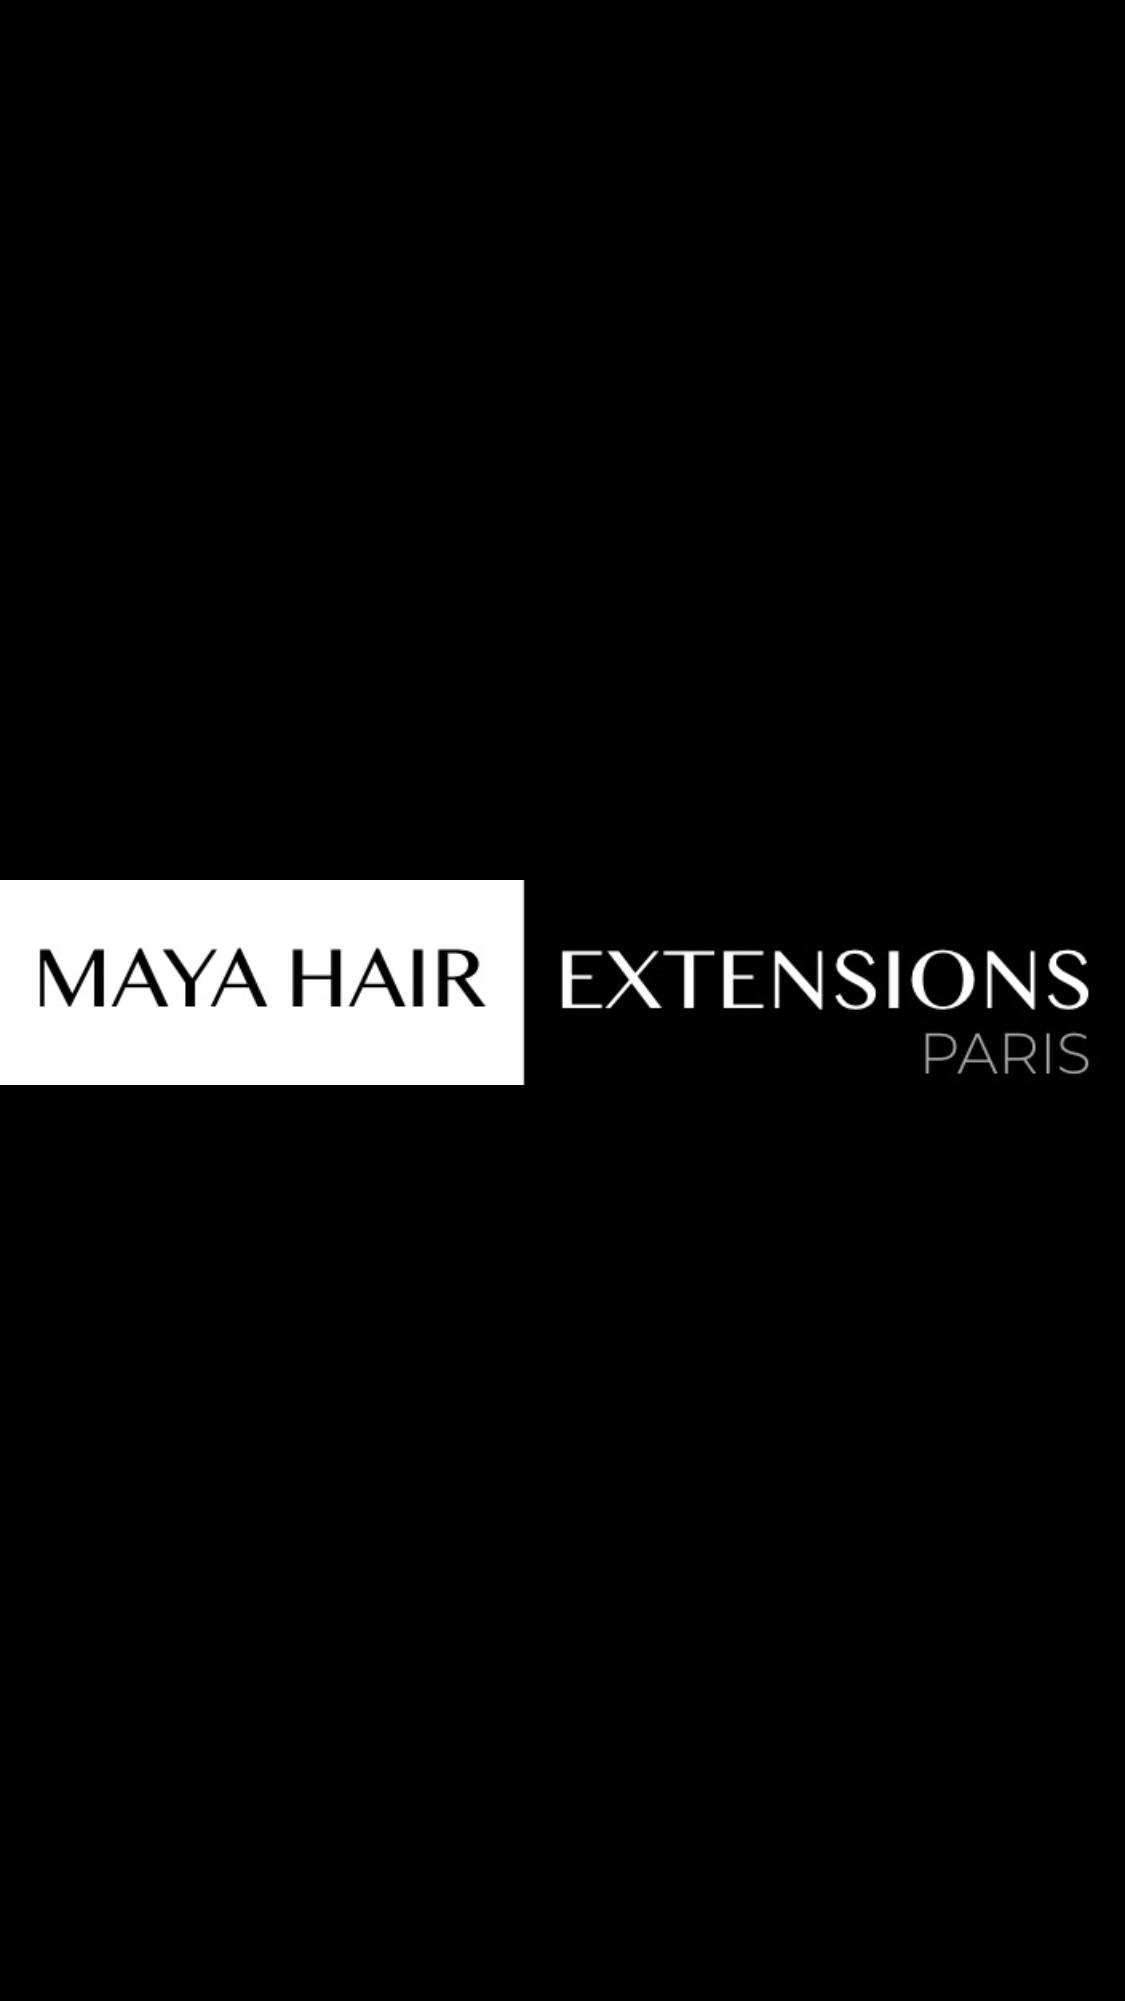 Maya Hair Extensions Paris - Rue de Sèvres